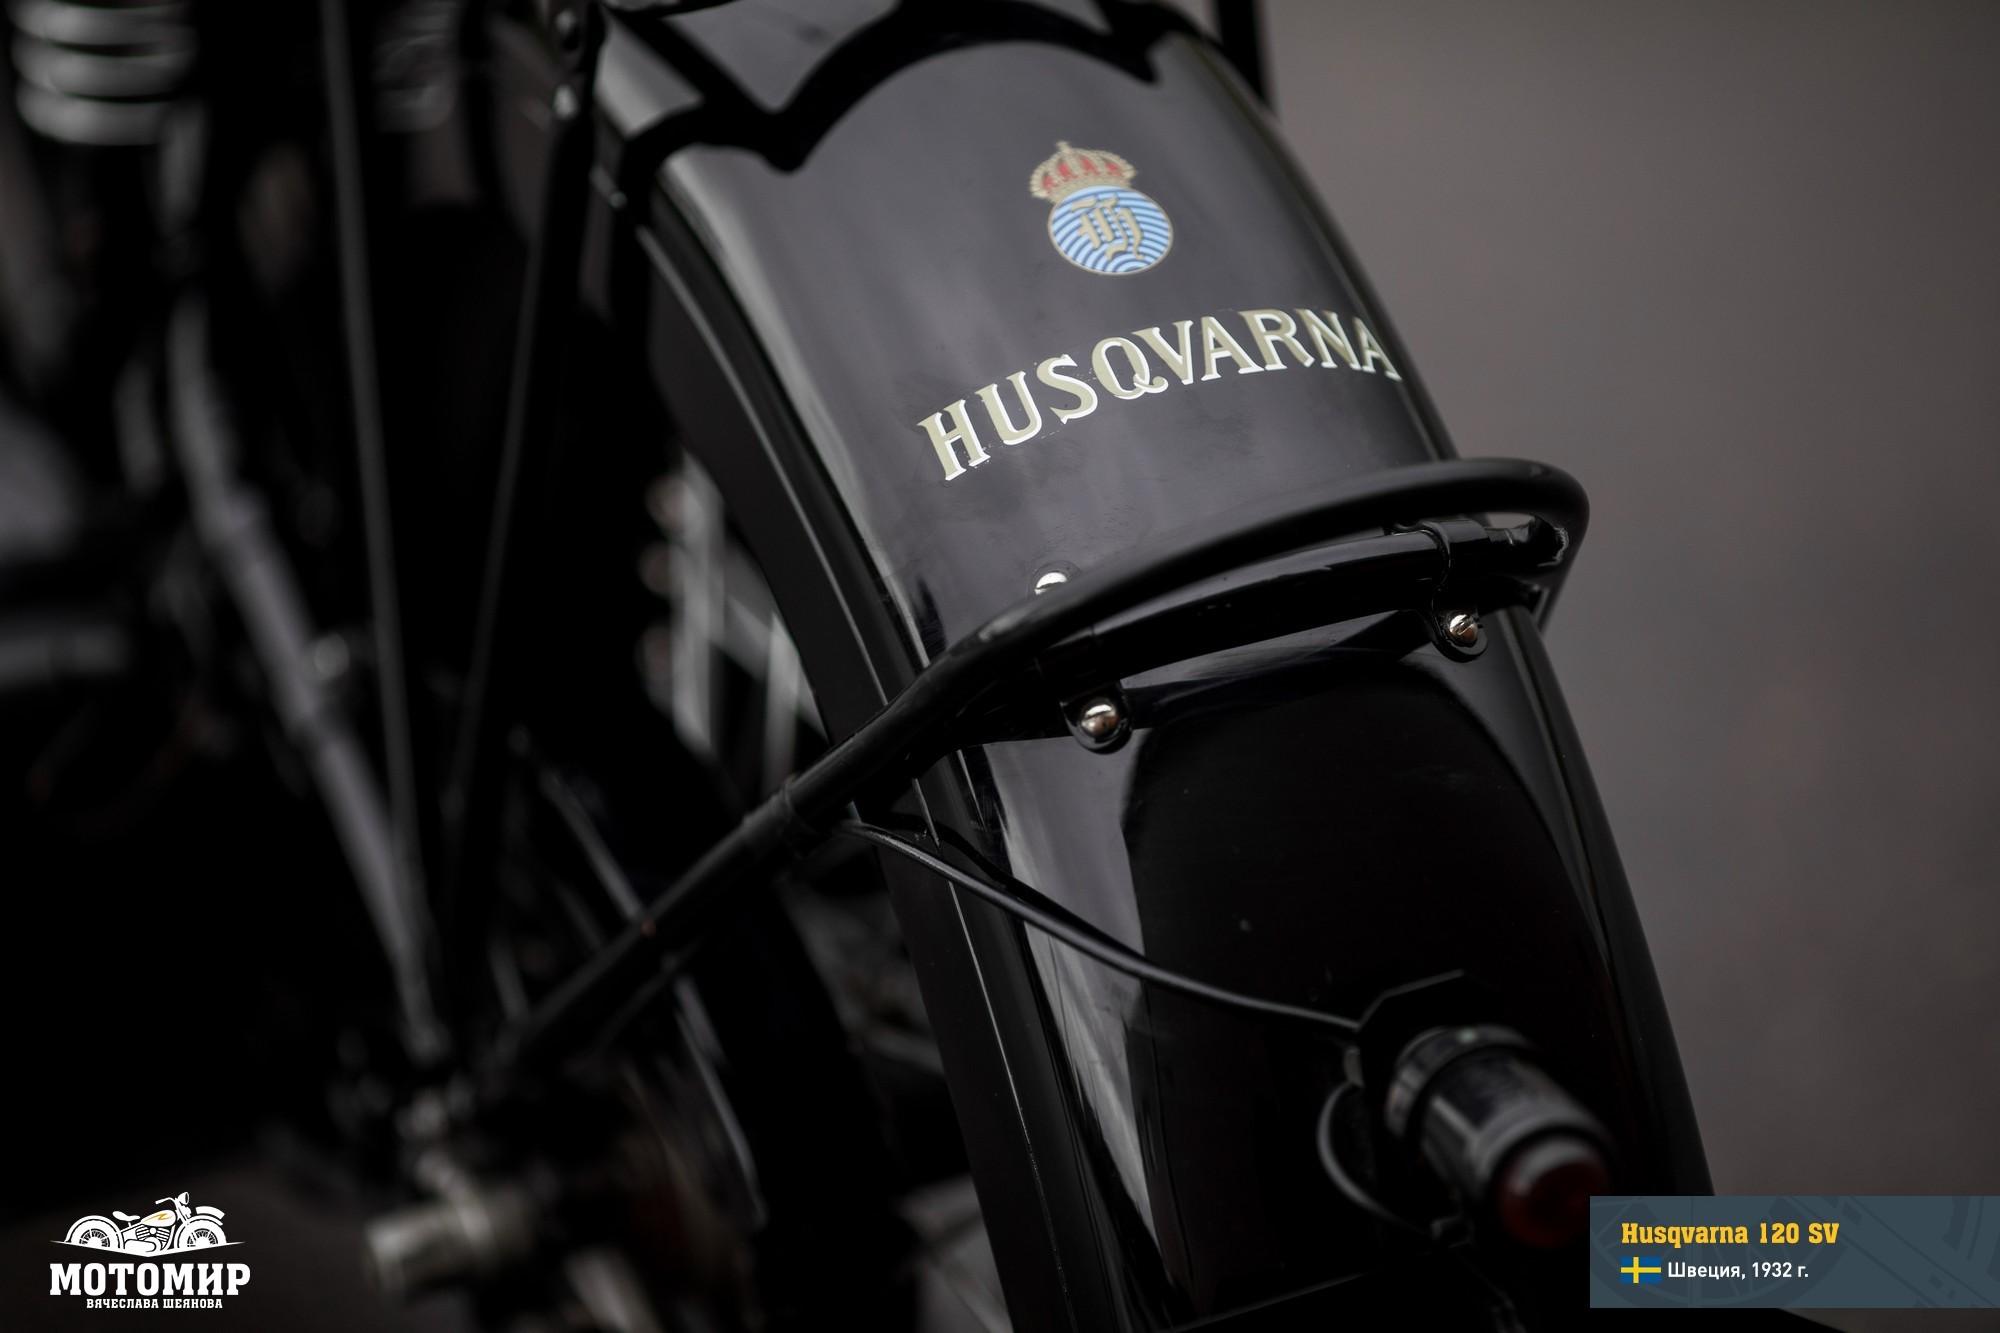 husqvarna-120-sv-web-13